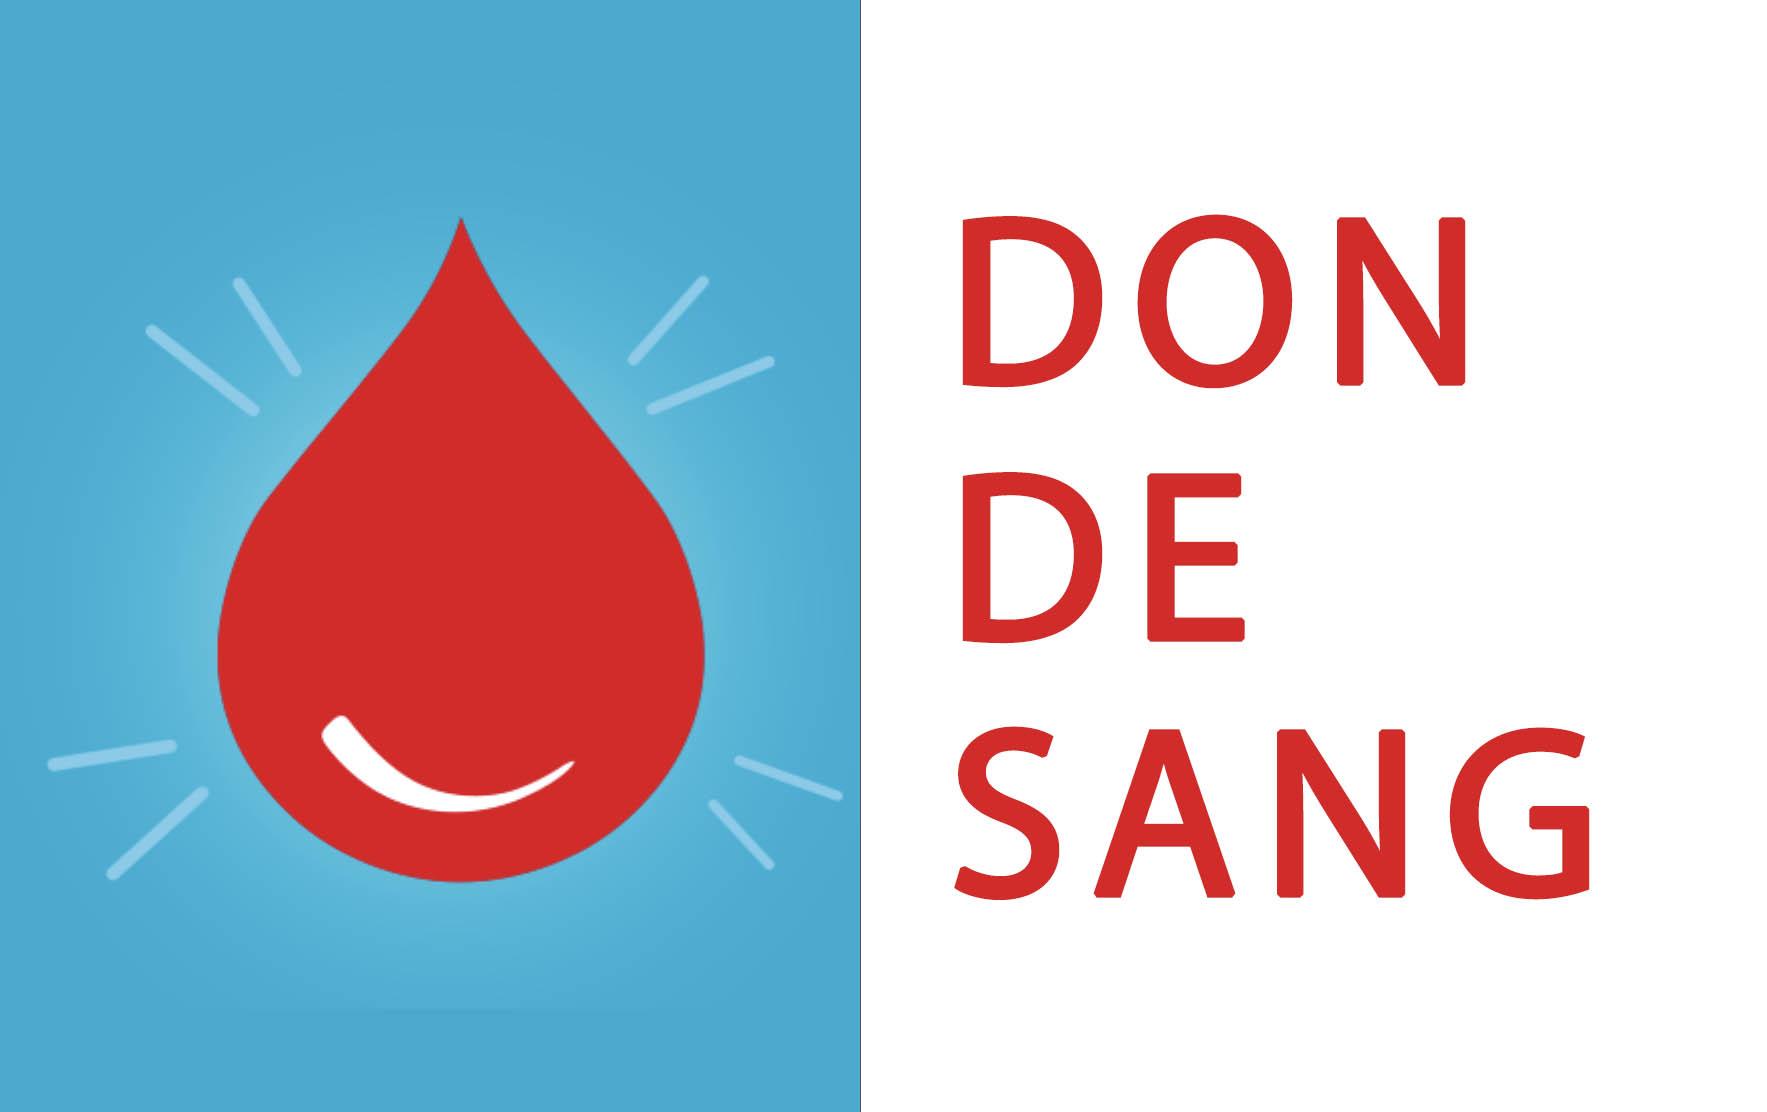 le rev organise un don du sang inter entreprises le jeudi 18 octobre de 13h 17h30 la salle. Black Bedroom Furniture Sets. Home Design Ideas